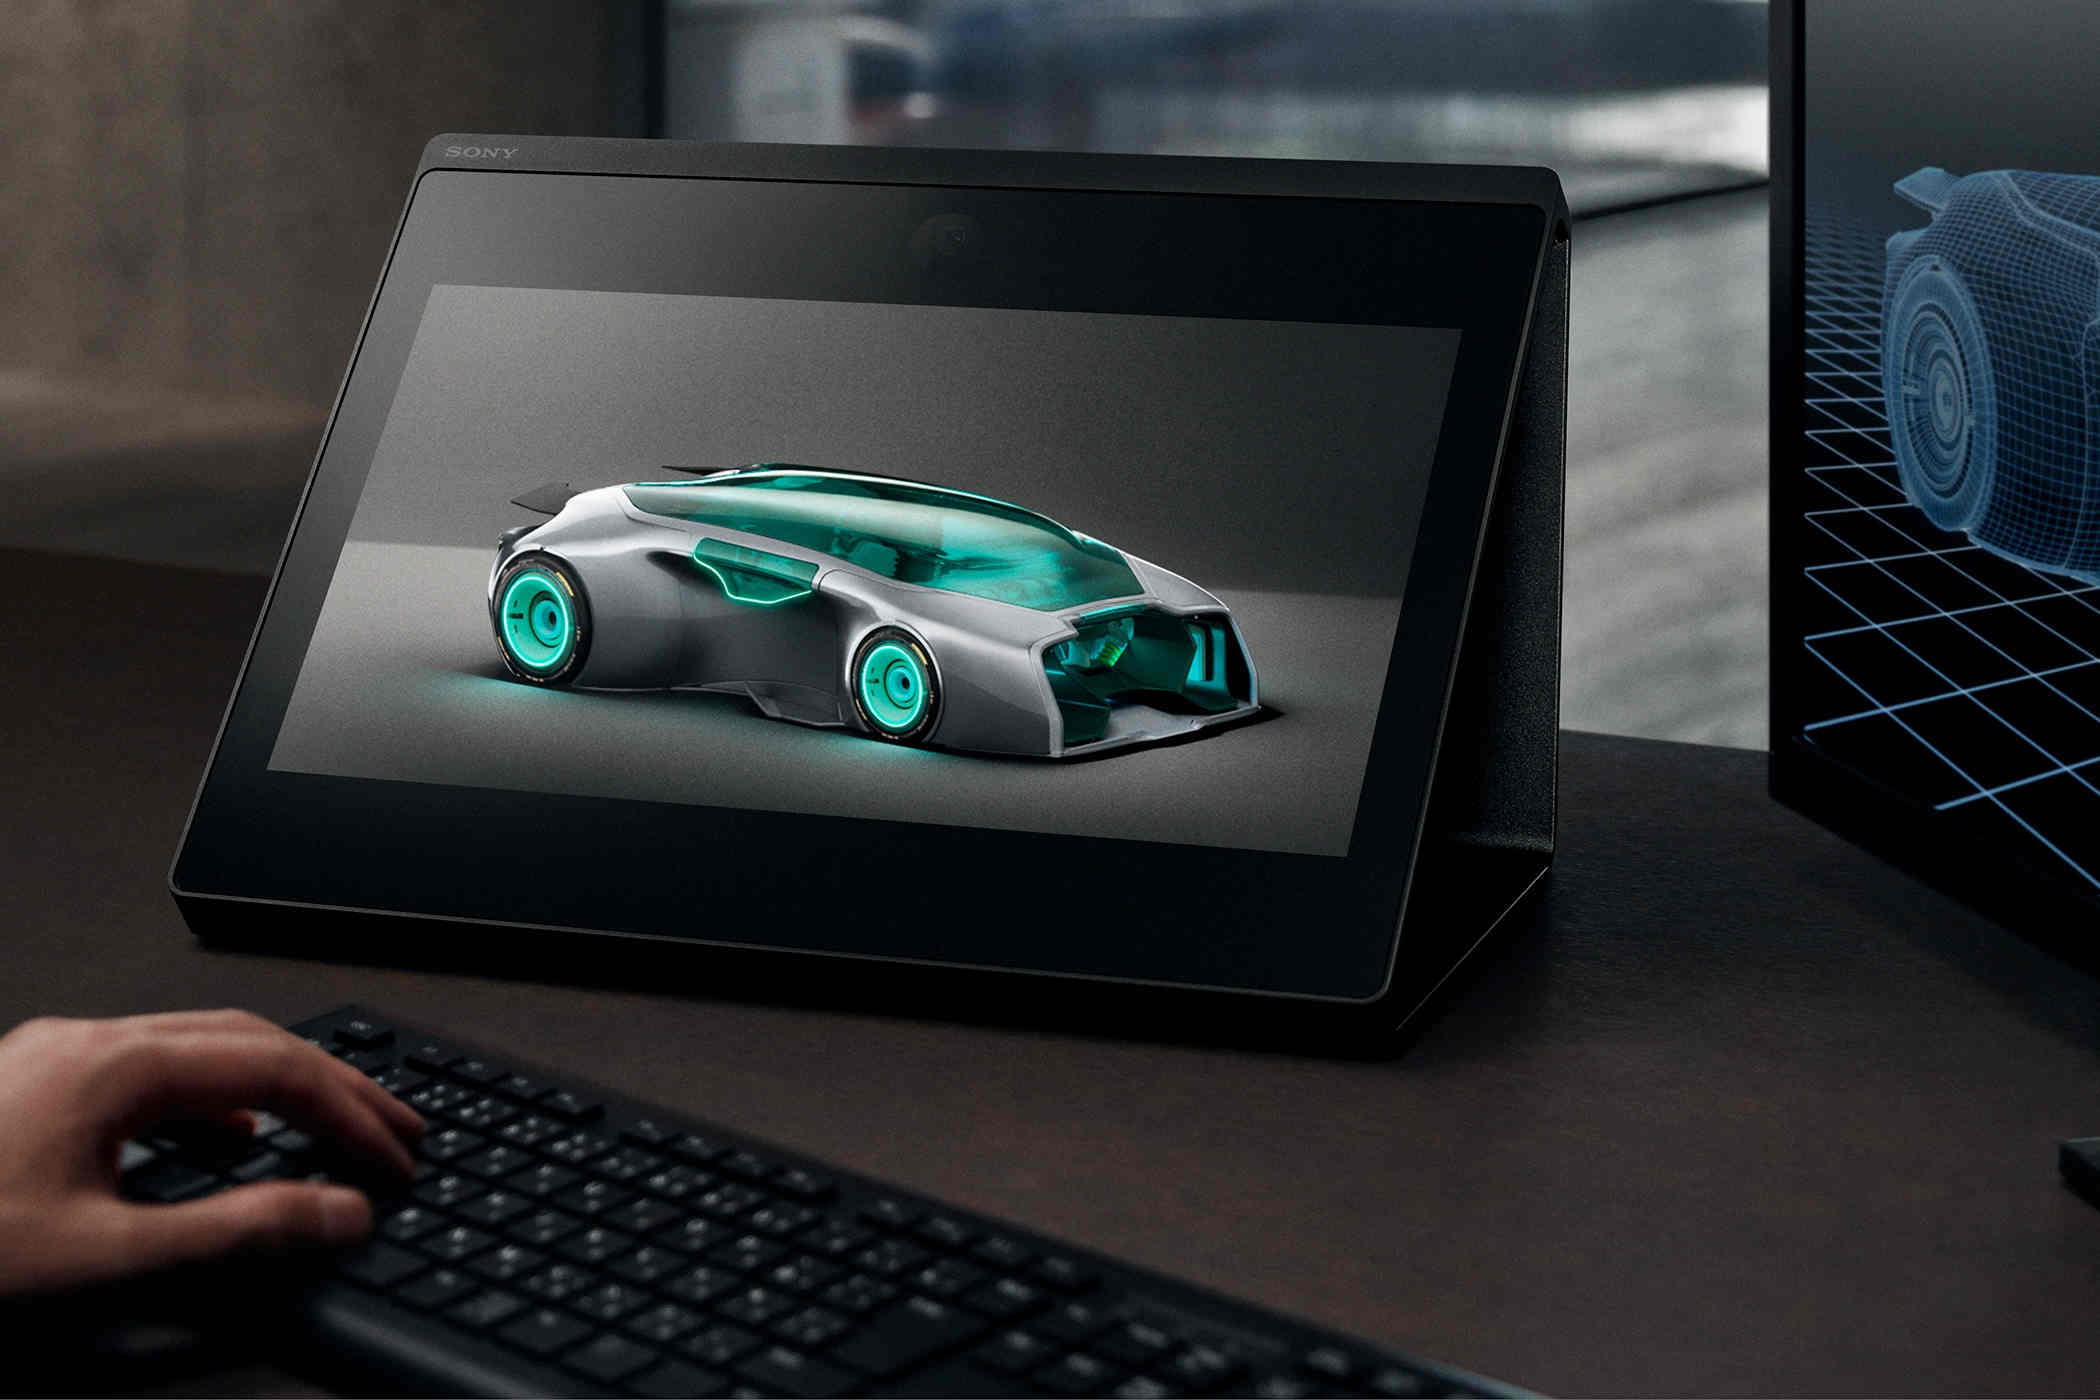 Sony ra màn hình 3D không cần kính, giá 5.000 USD, phục vụ giới kiến trúc sư, nhà thiết kế – VnReview